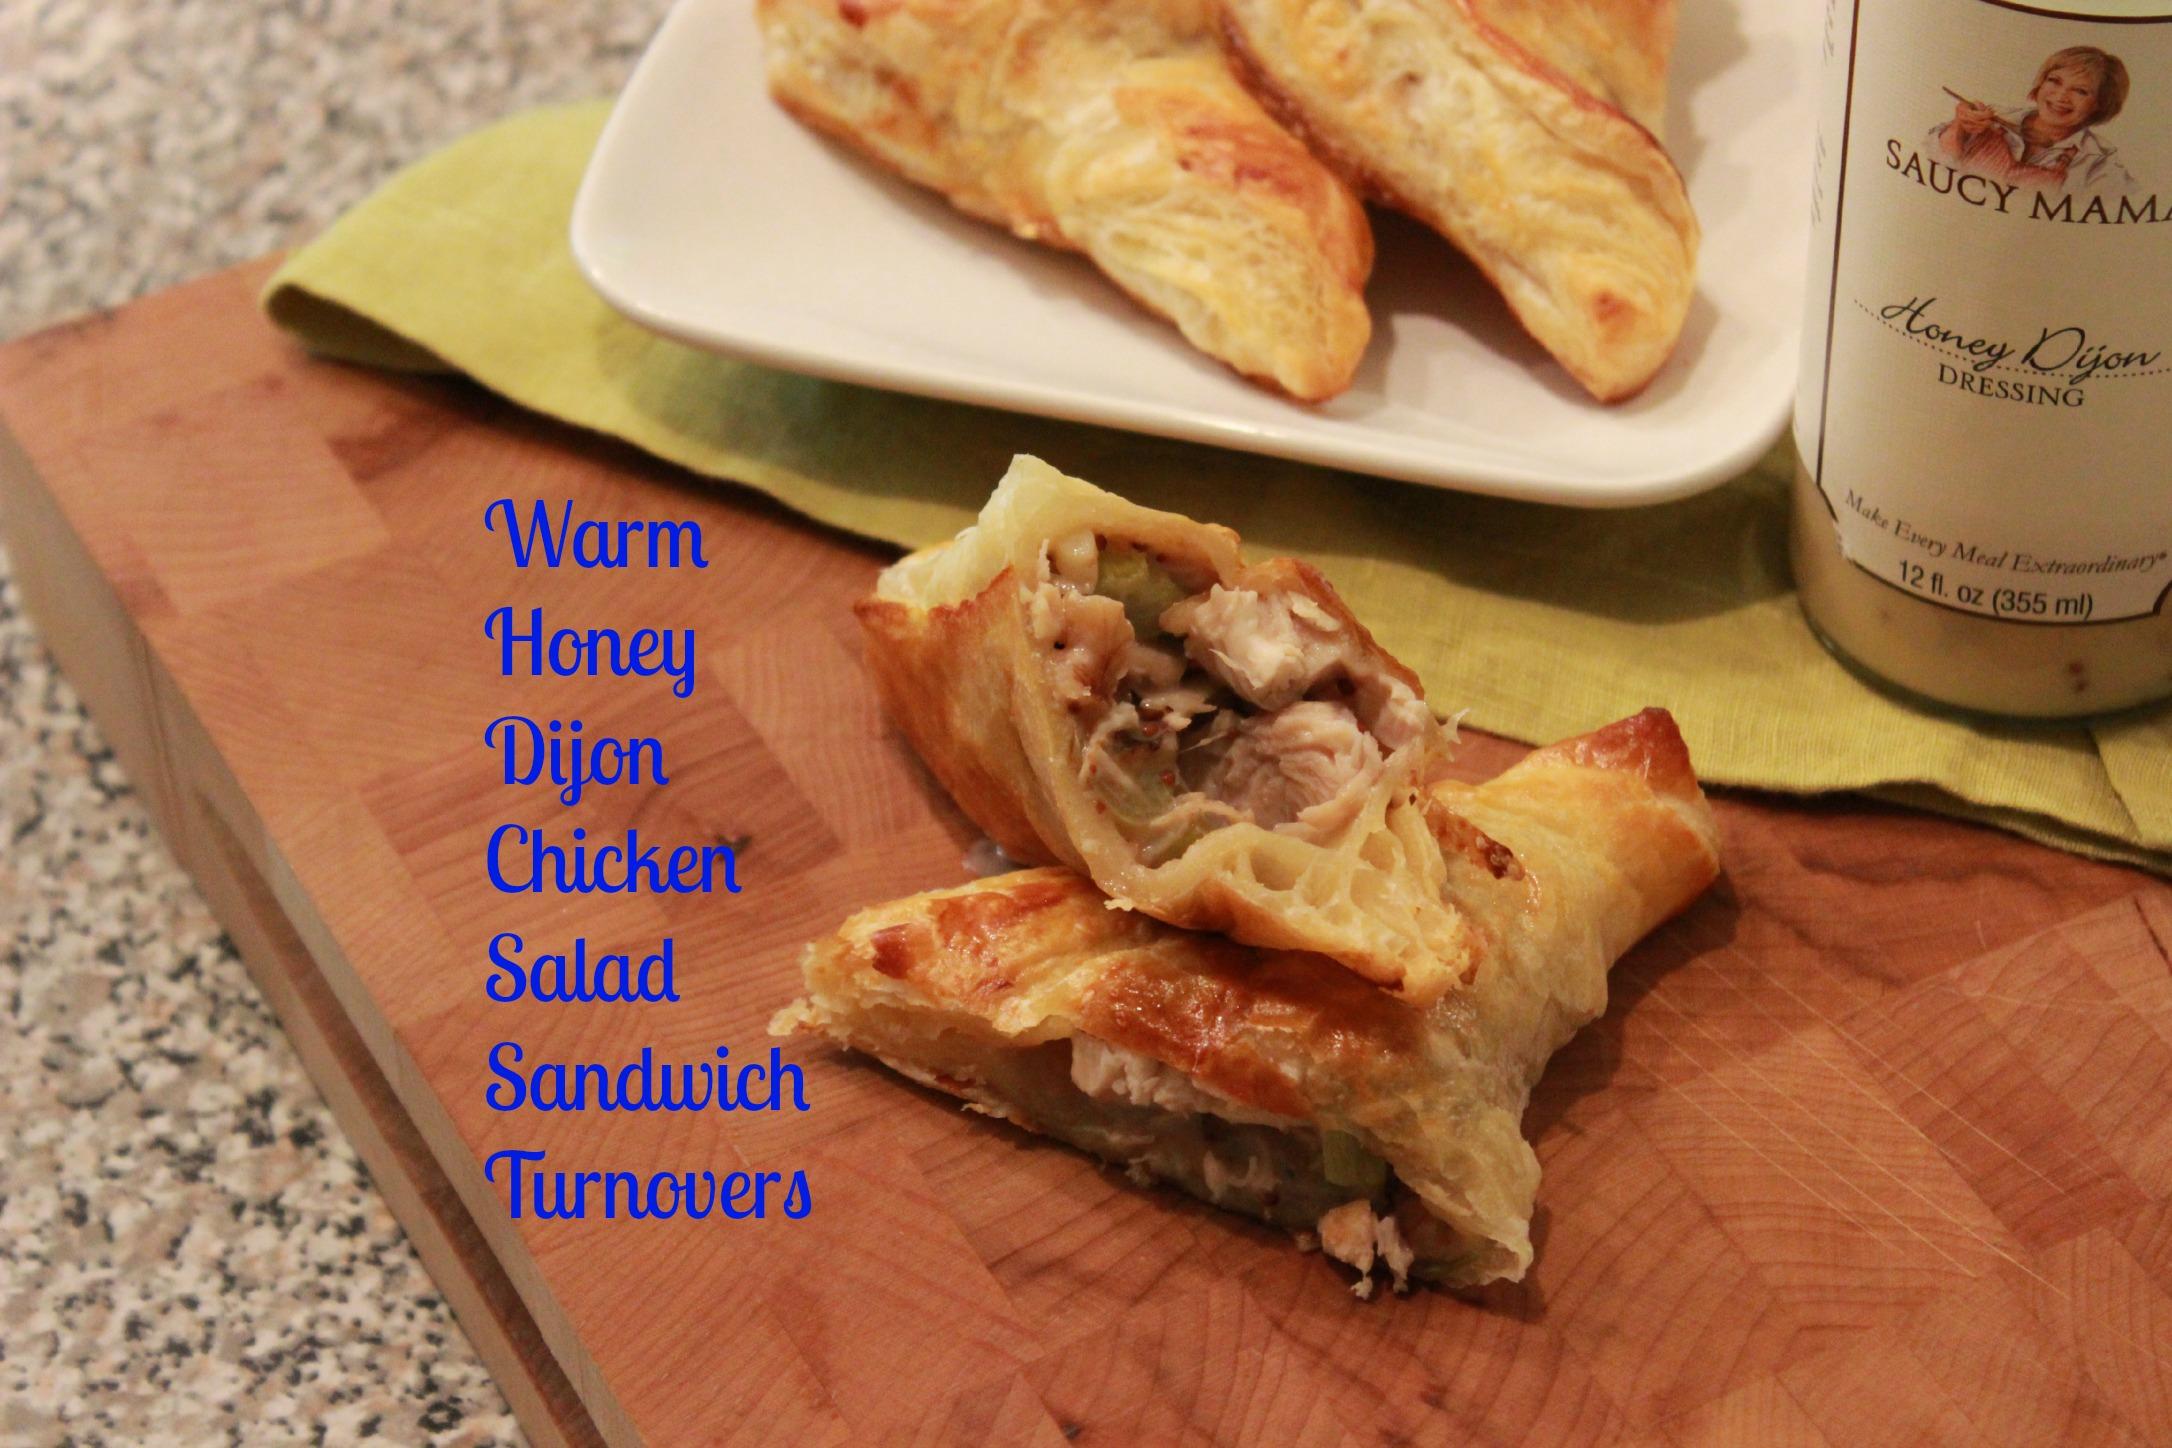 Warm Honey Dijon Chicken Salad Sandwich Turnovers